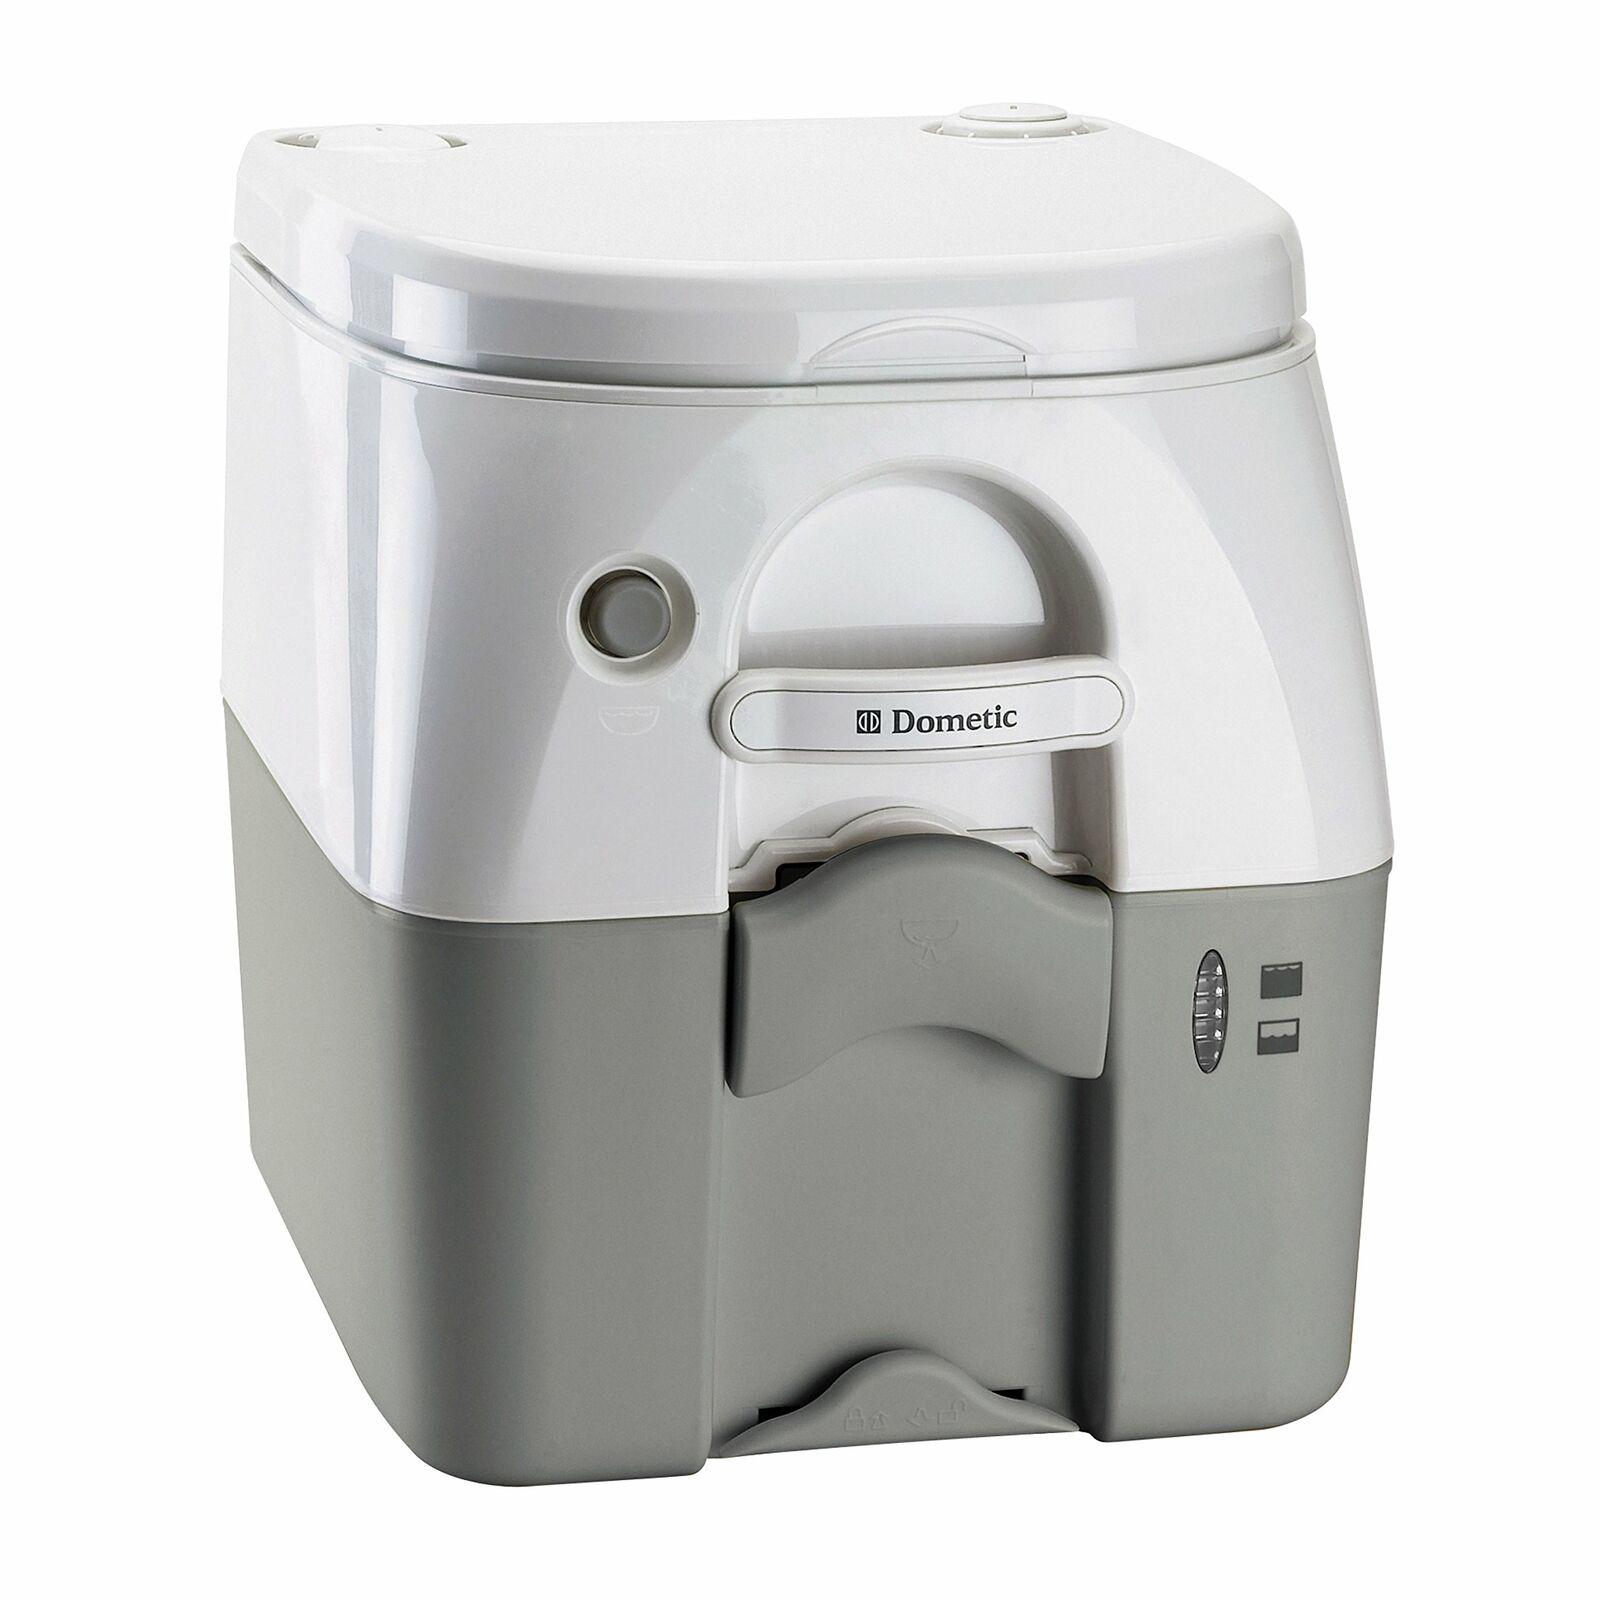 Dometic 5 Gallon(W 301097506 970 Series Portable Toilet-5.0 Gallon, Gray with…